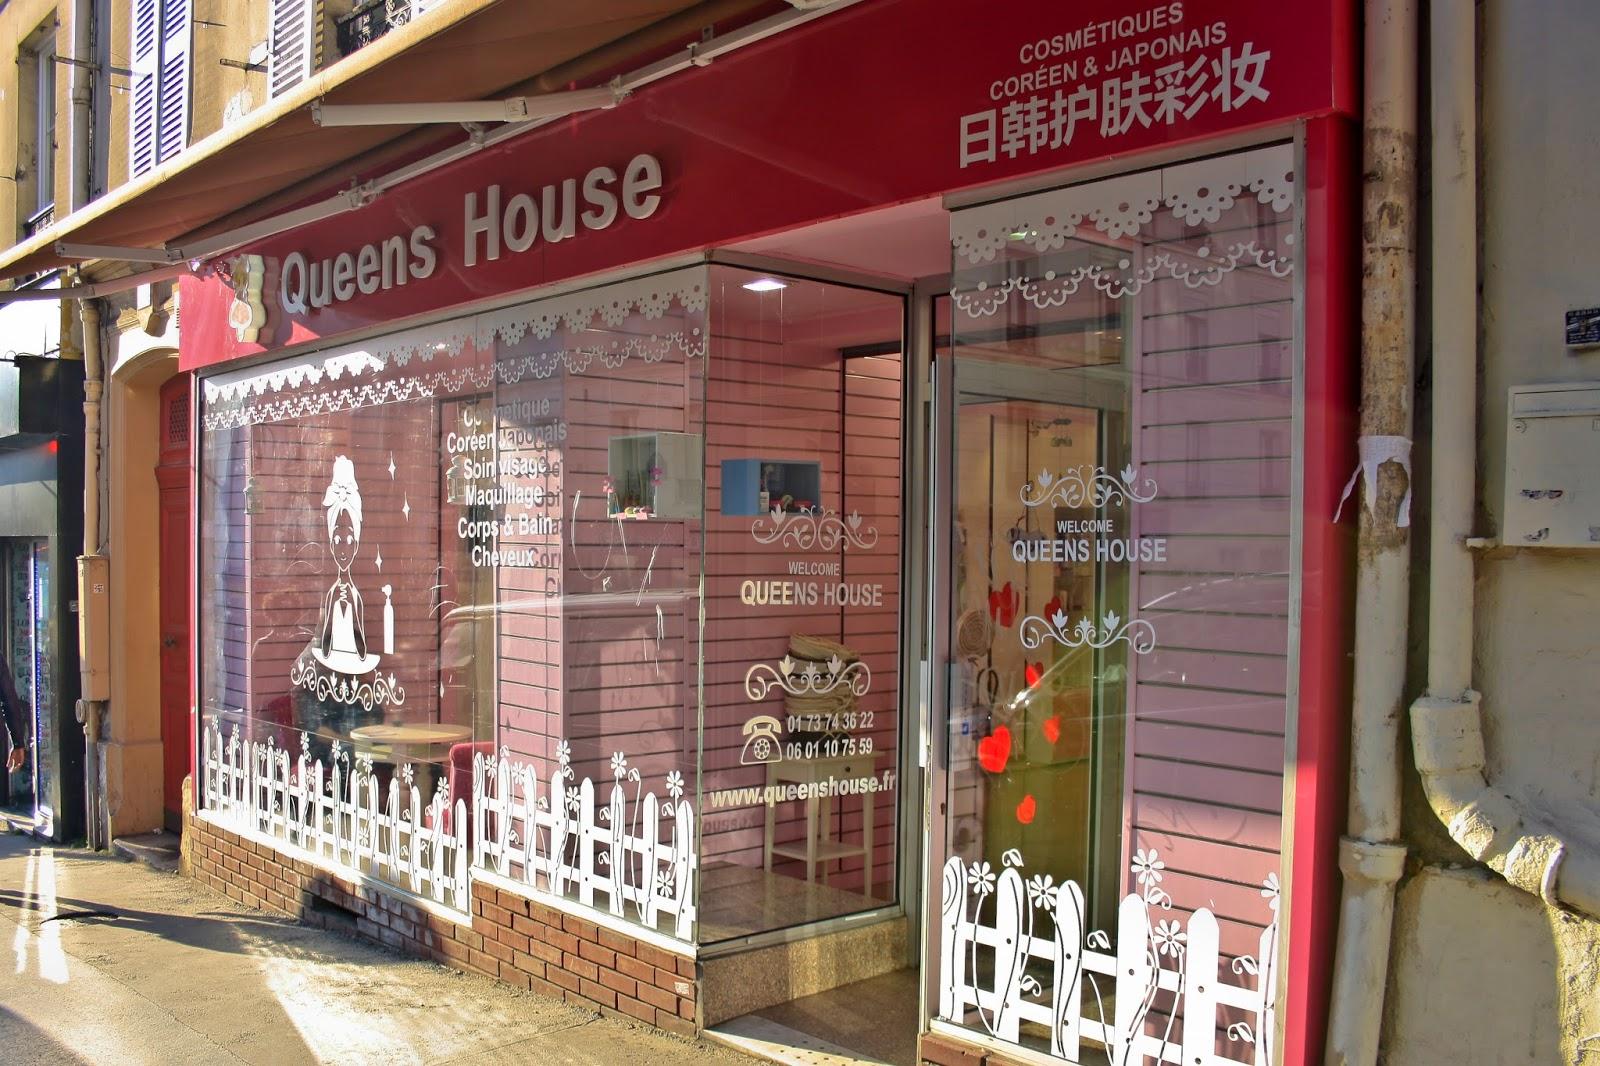 entre oeil et chat visite de queens house boutique de cosm tiques cor ens paris. Black Bedroom Furniture Sets. Home Design Ideas